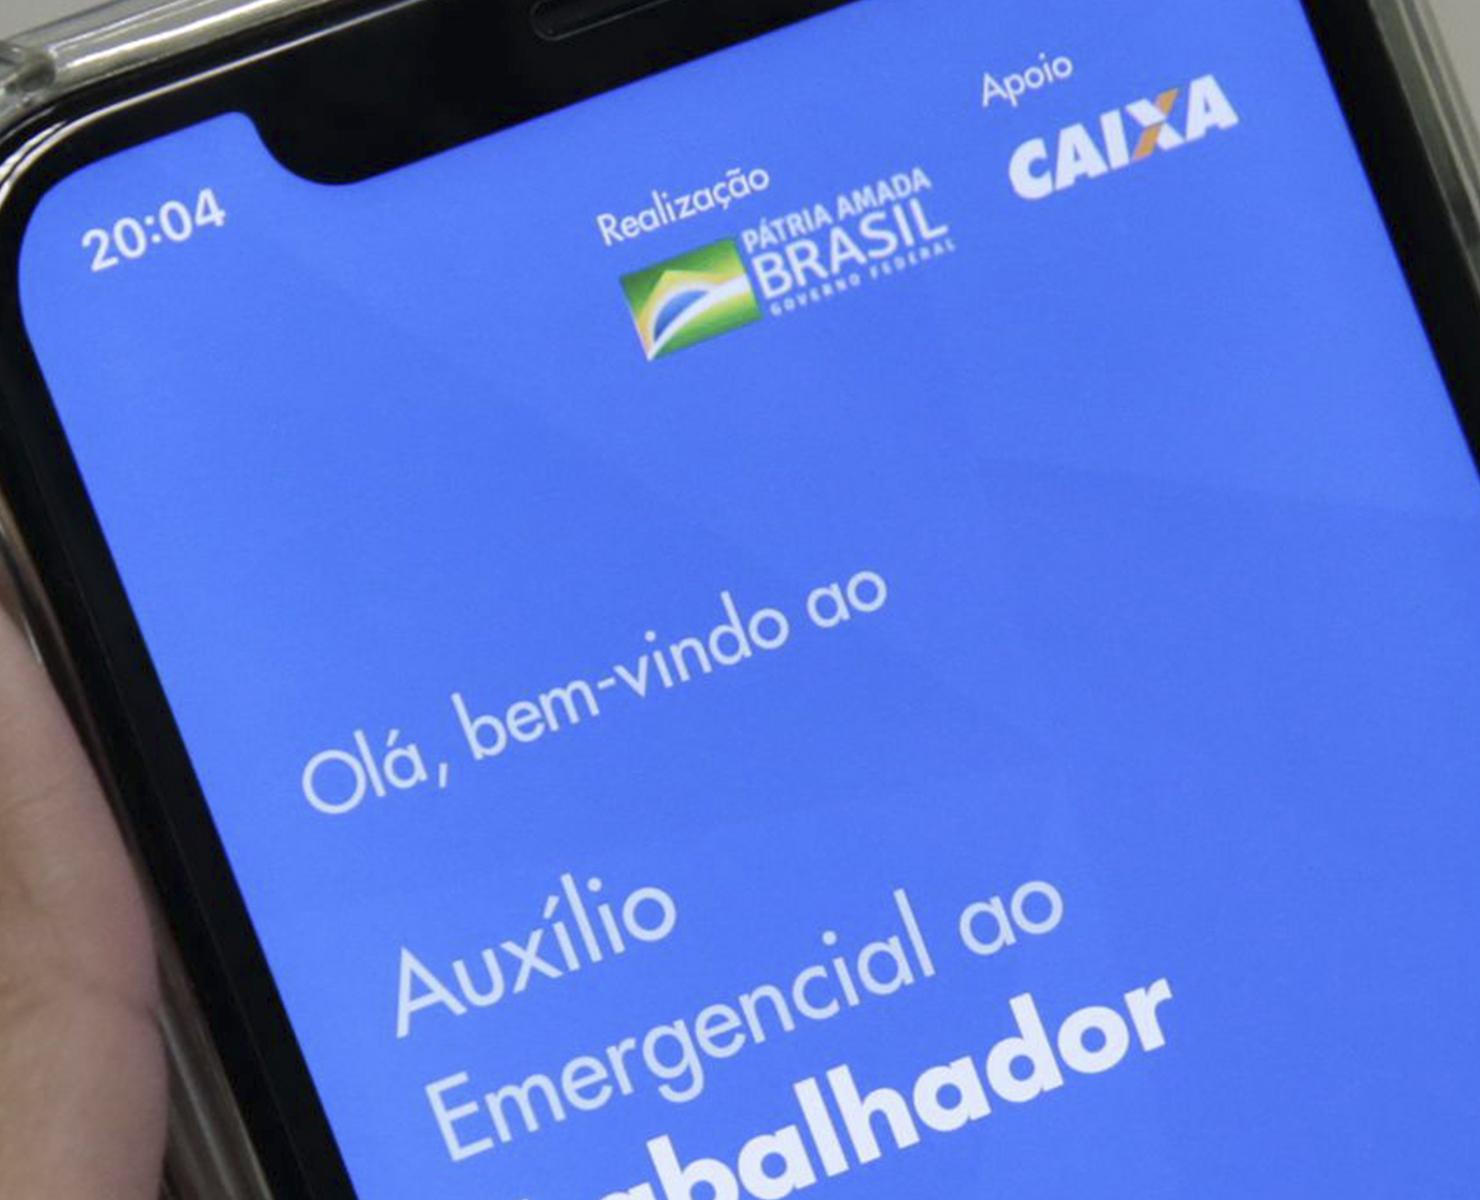 AUXÍLIO EMERGENCIAL: DPU FARÁ MUTIRÃO PARA TENTAR DESTRAVAR OS NEGADOS